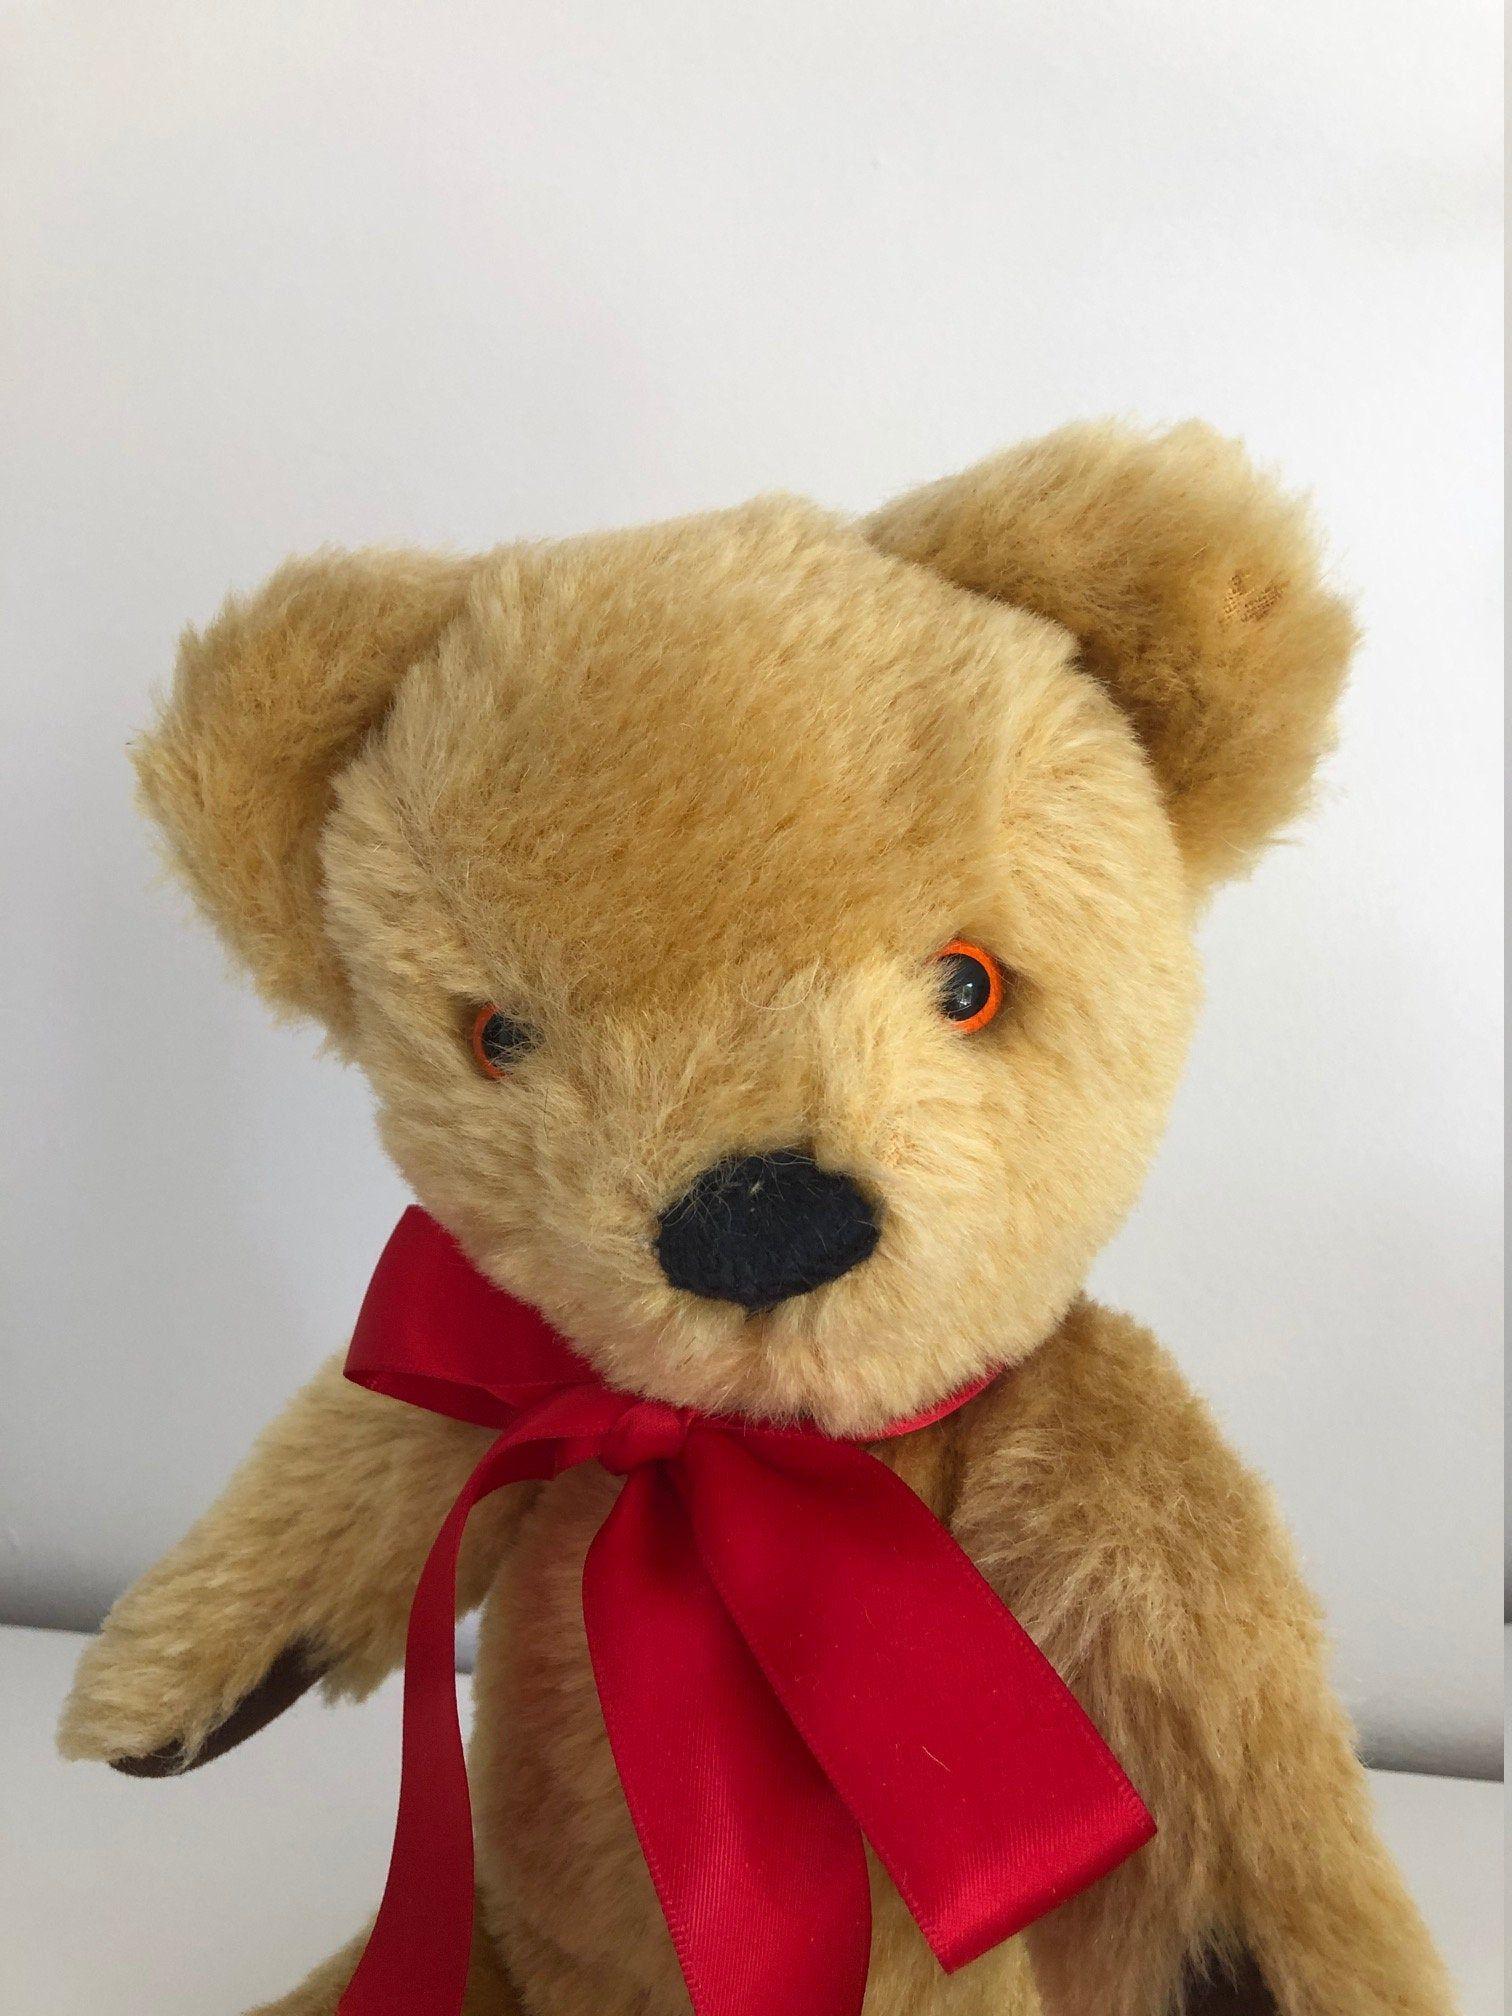 Merrythought 1970 S Teddy Bear Vintage Teddy Bear Teddy Bear